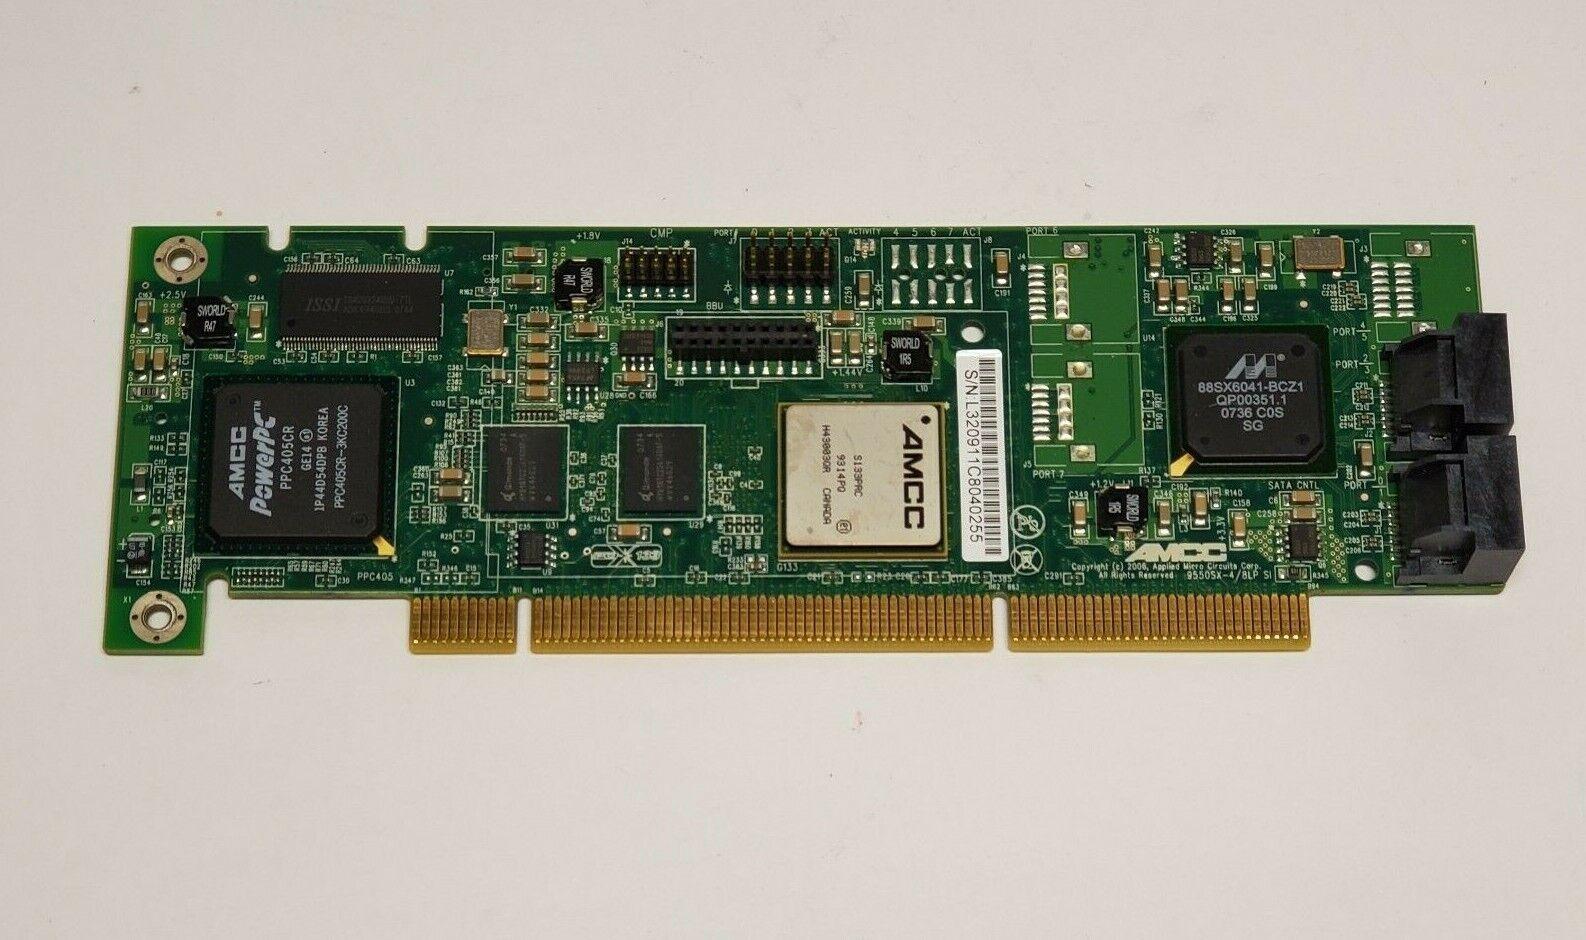 AMCC 3WARE 9550SXU-4LP LOWPRO PCI 64BIT SATA RAID CONTROLLER 701-3209-11 C